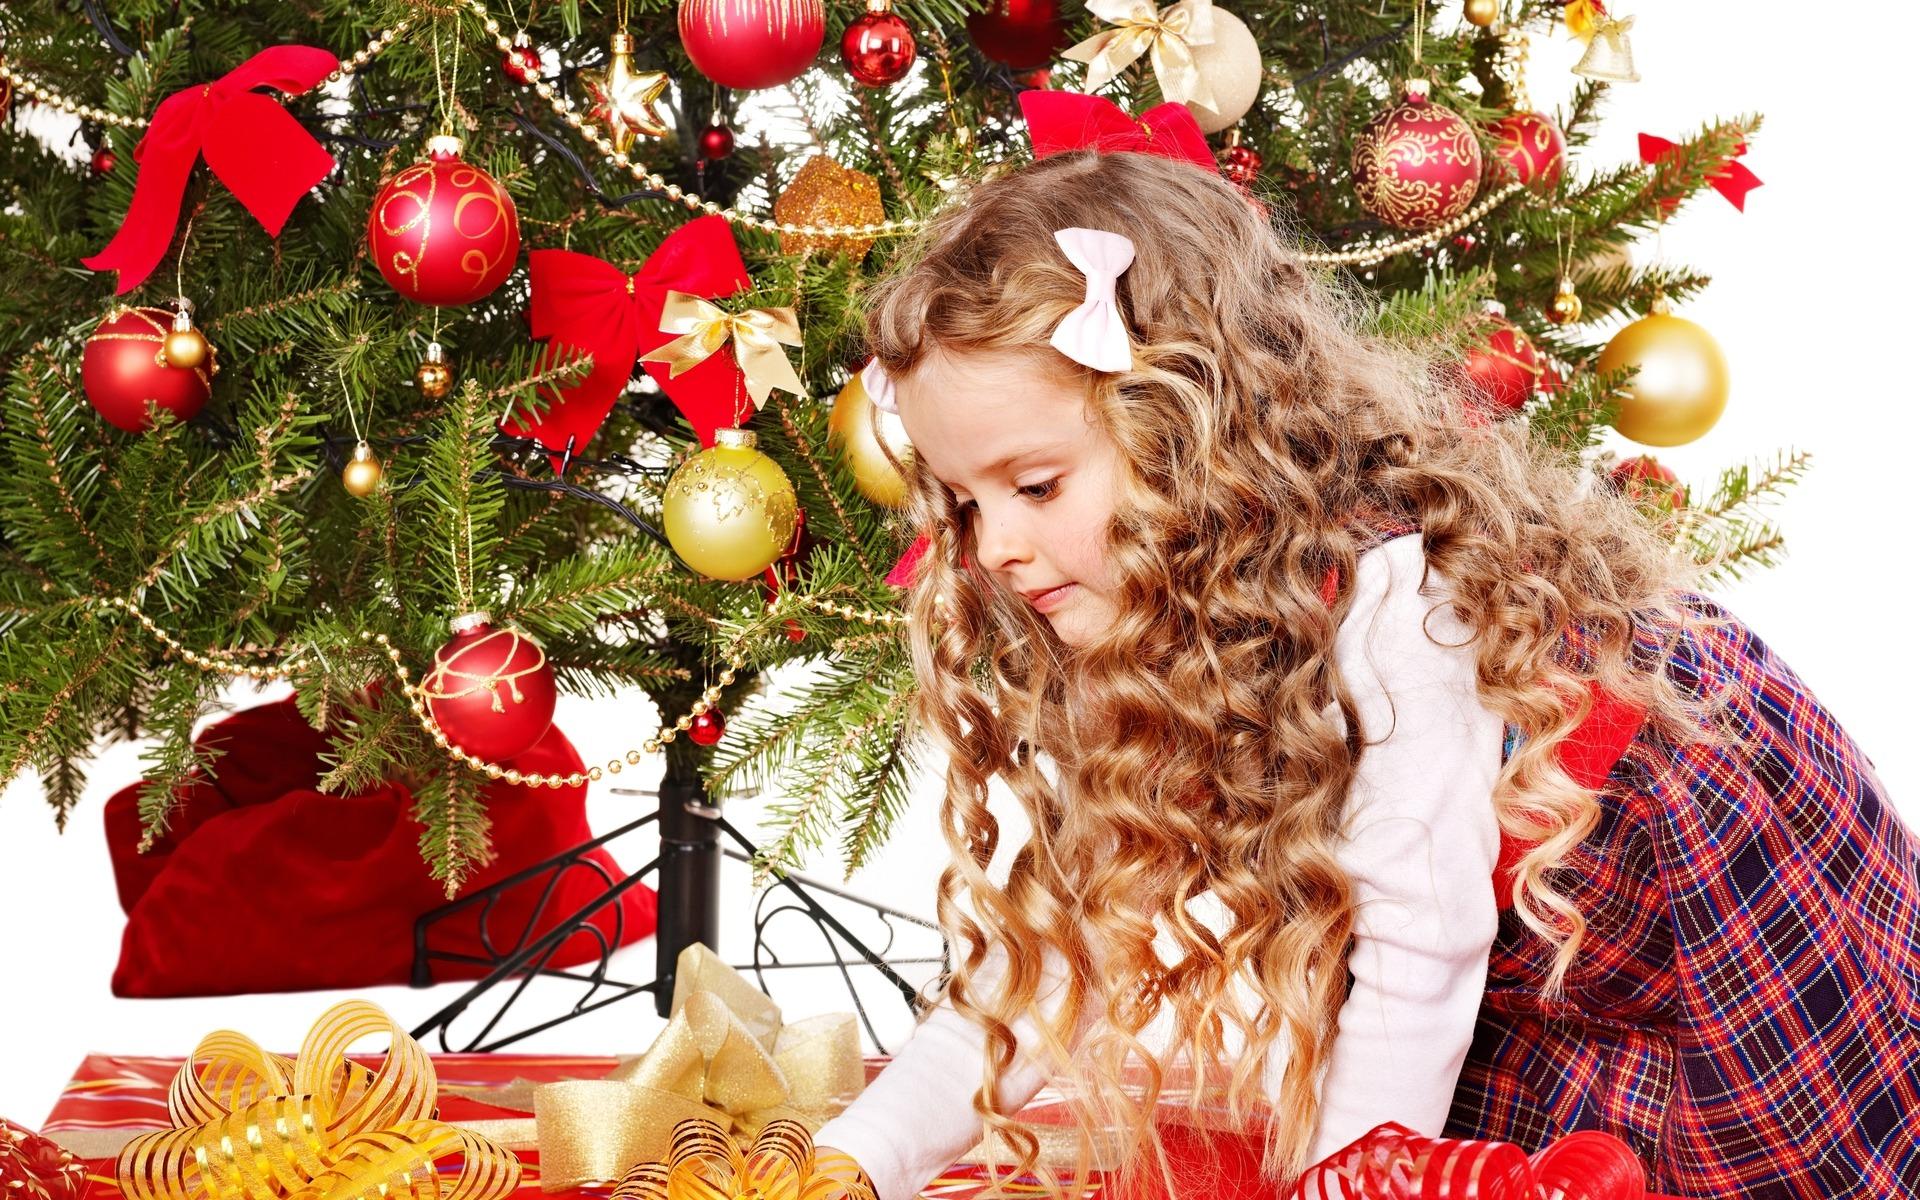 かわいい子供たちメリークリスマス休日の壁紙プレビュー 10wallpaper Com